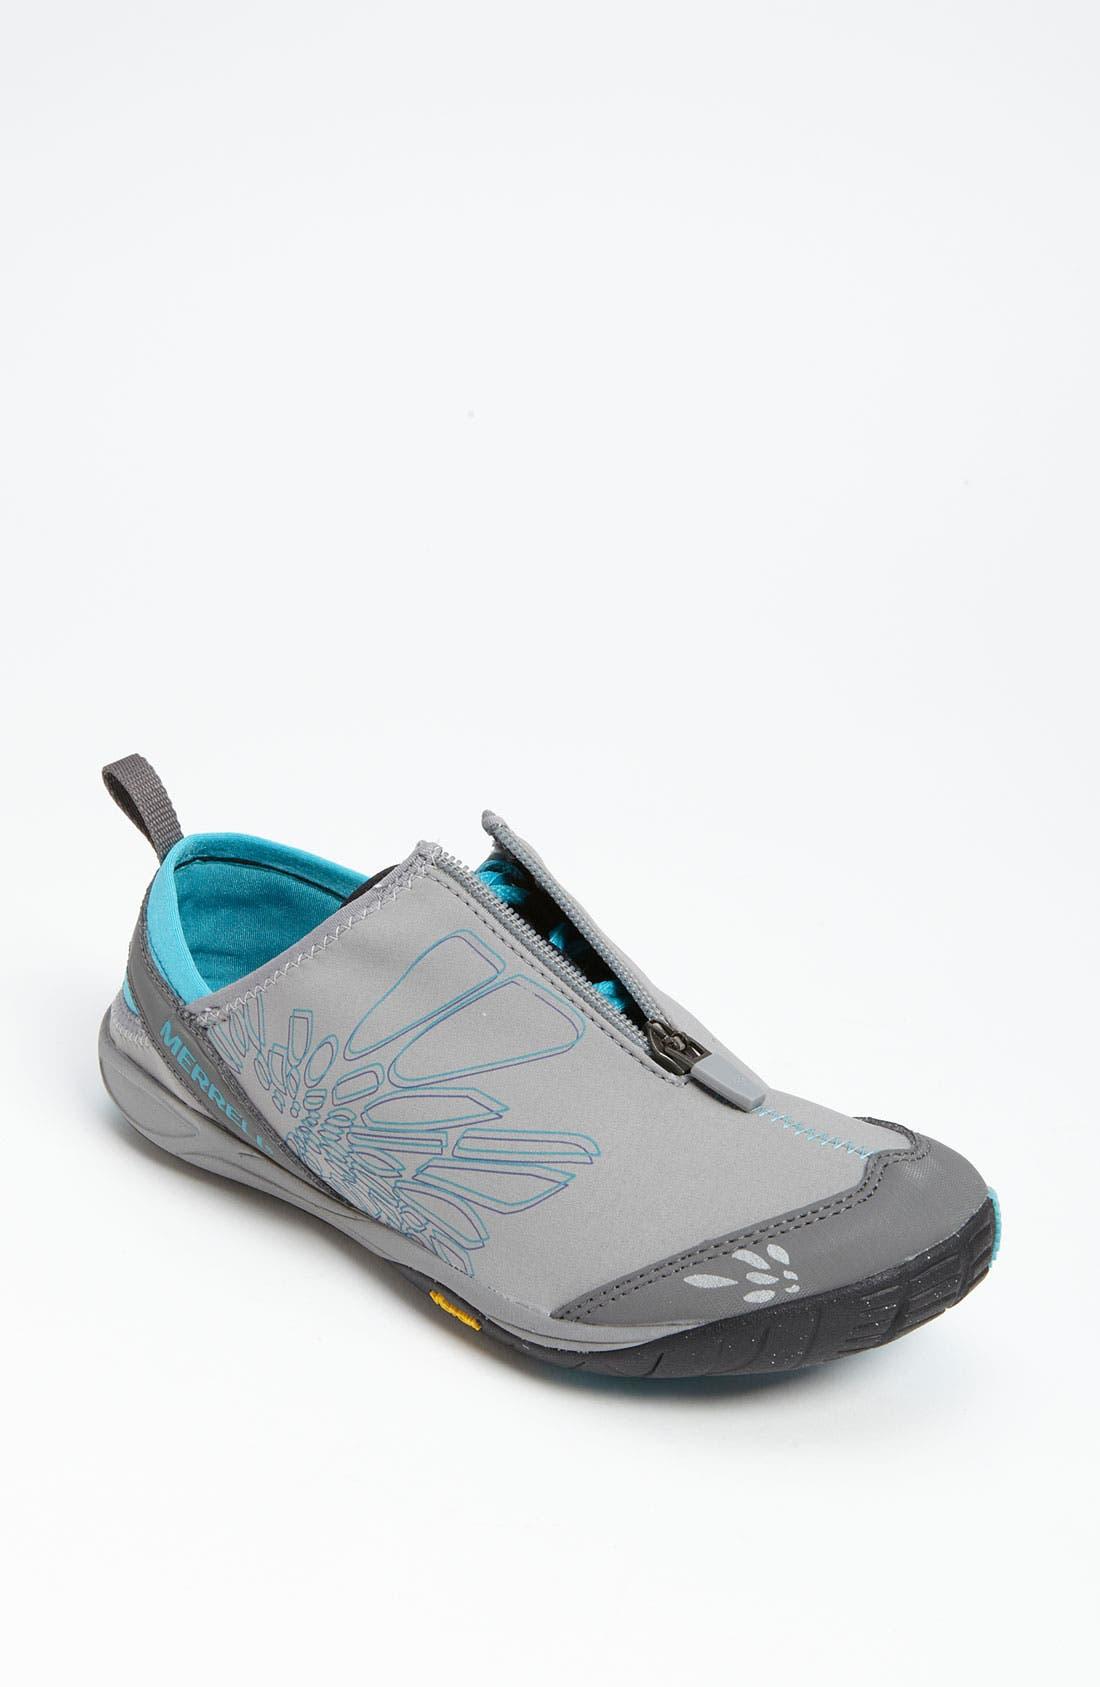 Alternate Image 1 Selected - Merrell 'Tempo Glove' Running Shoe (Women)